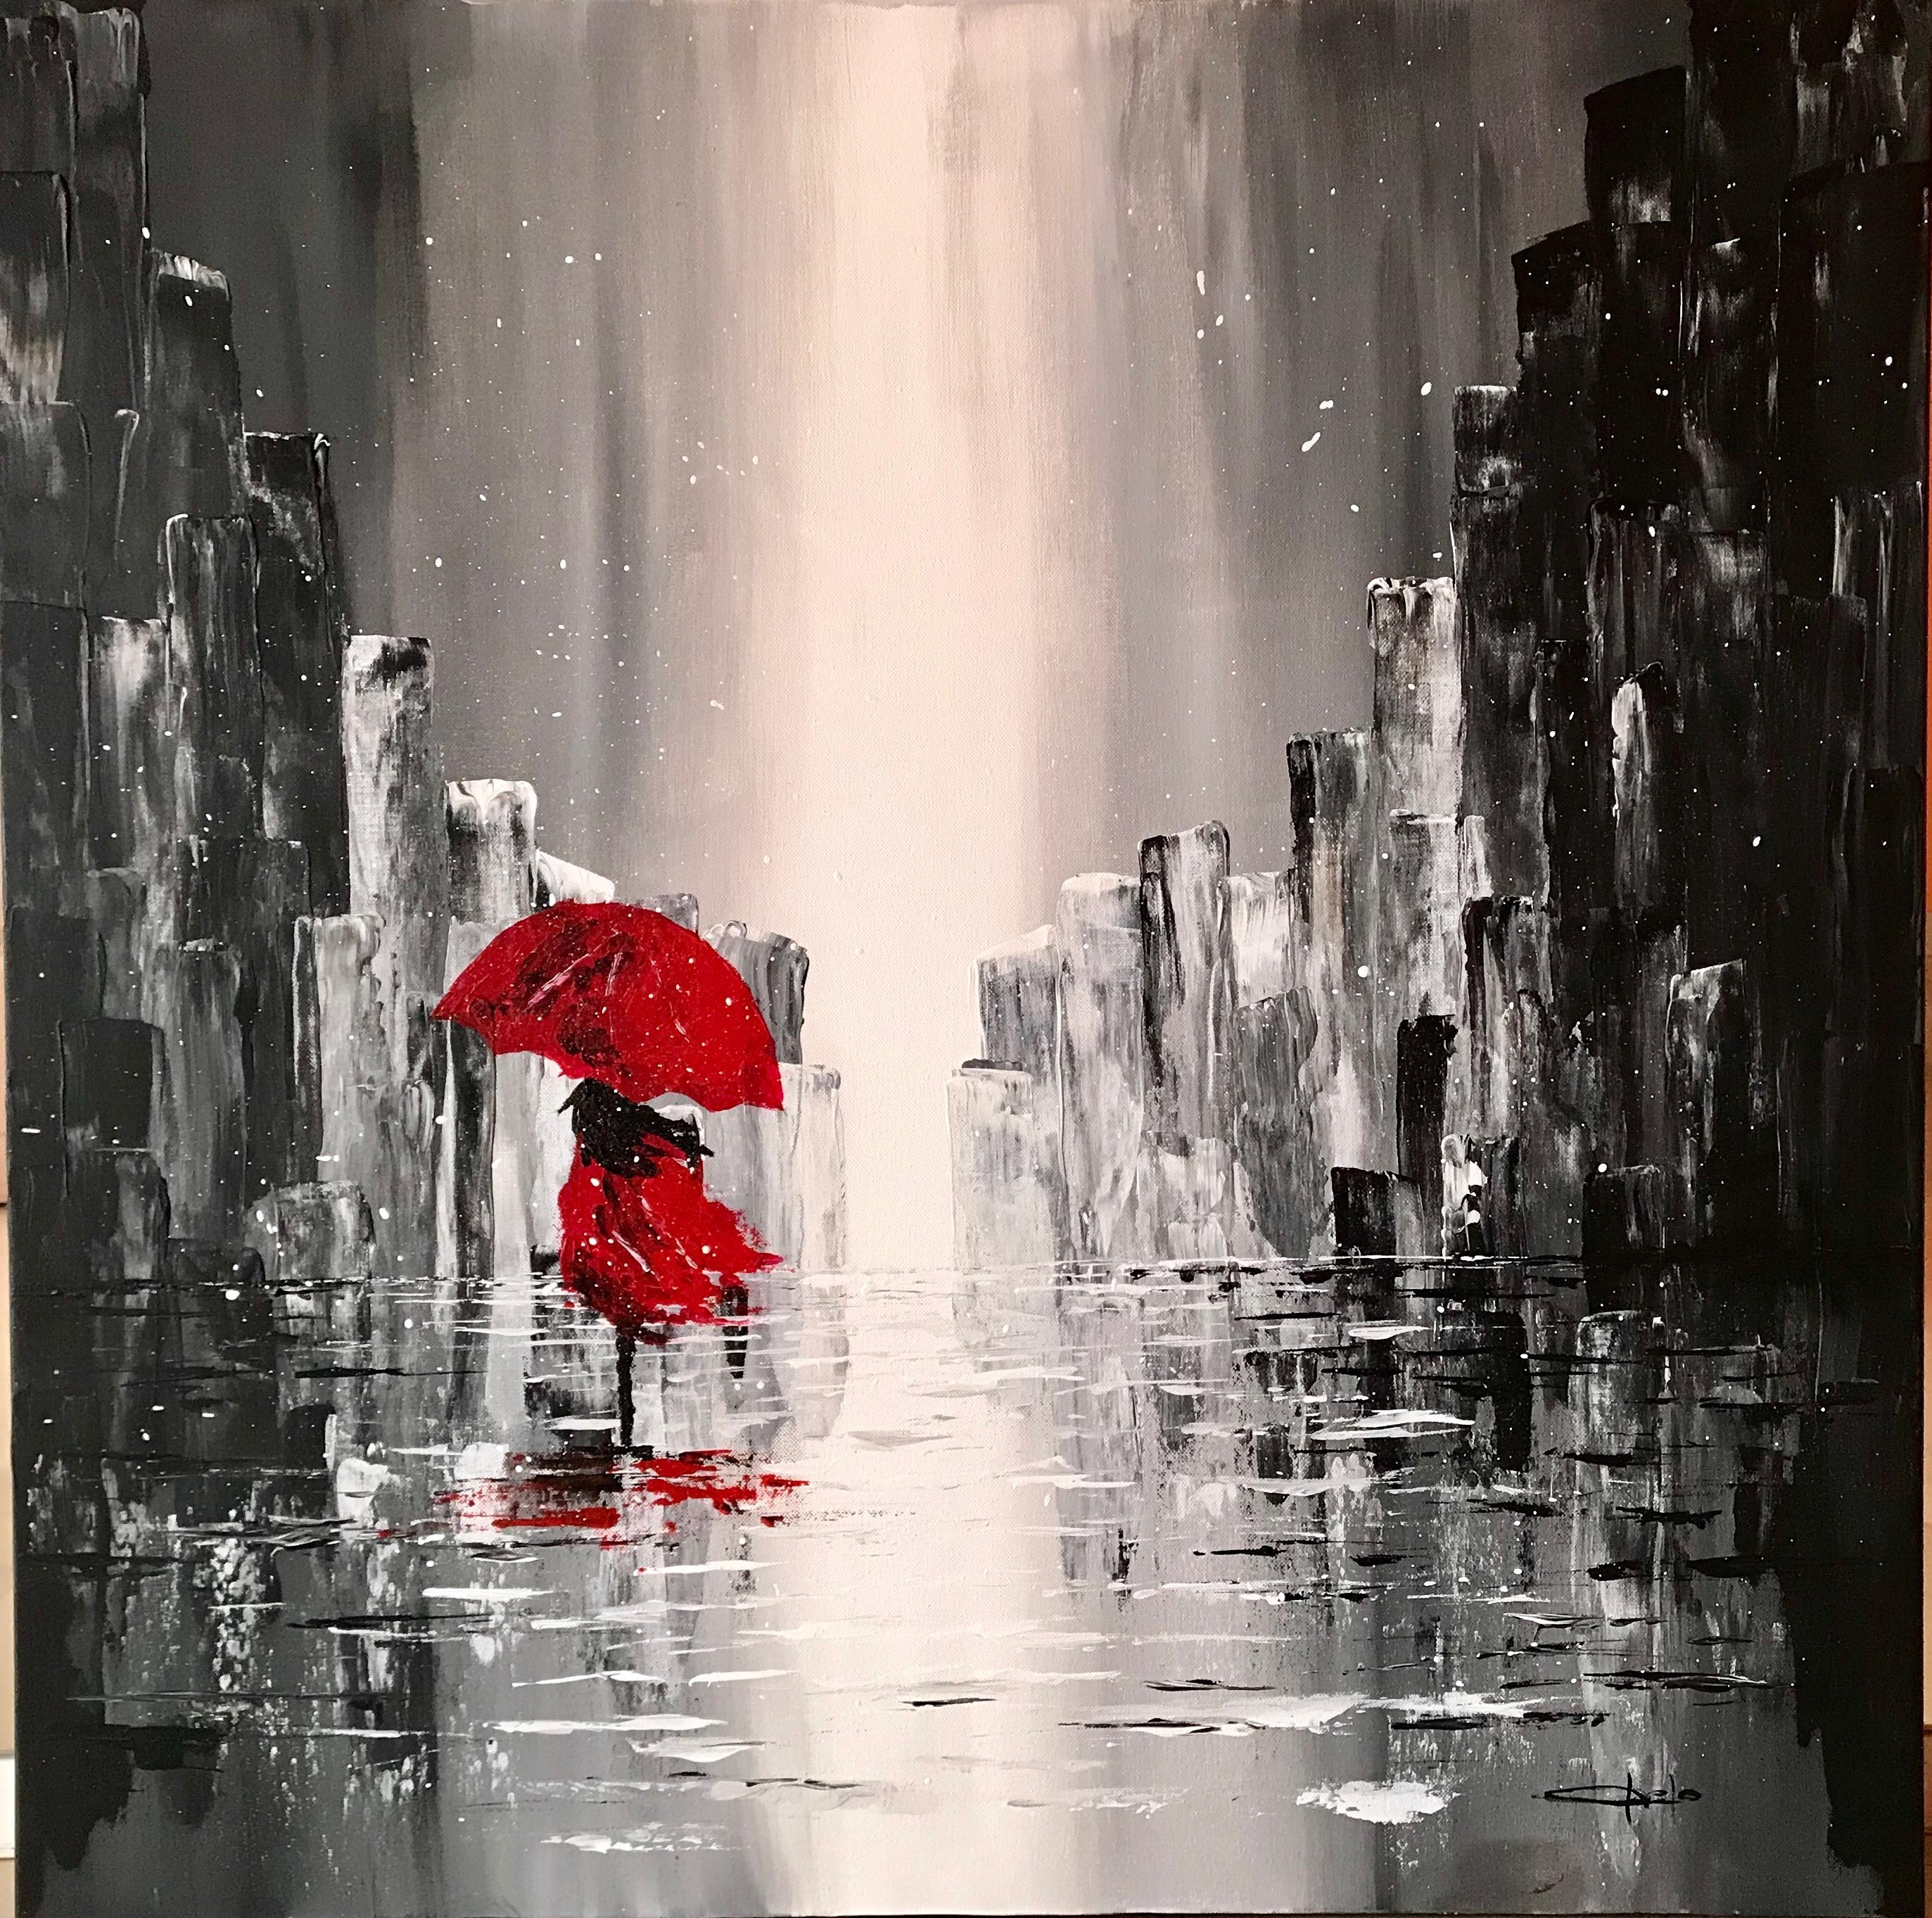 «La chica de rojo»